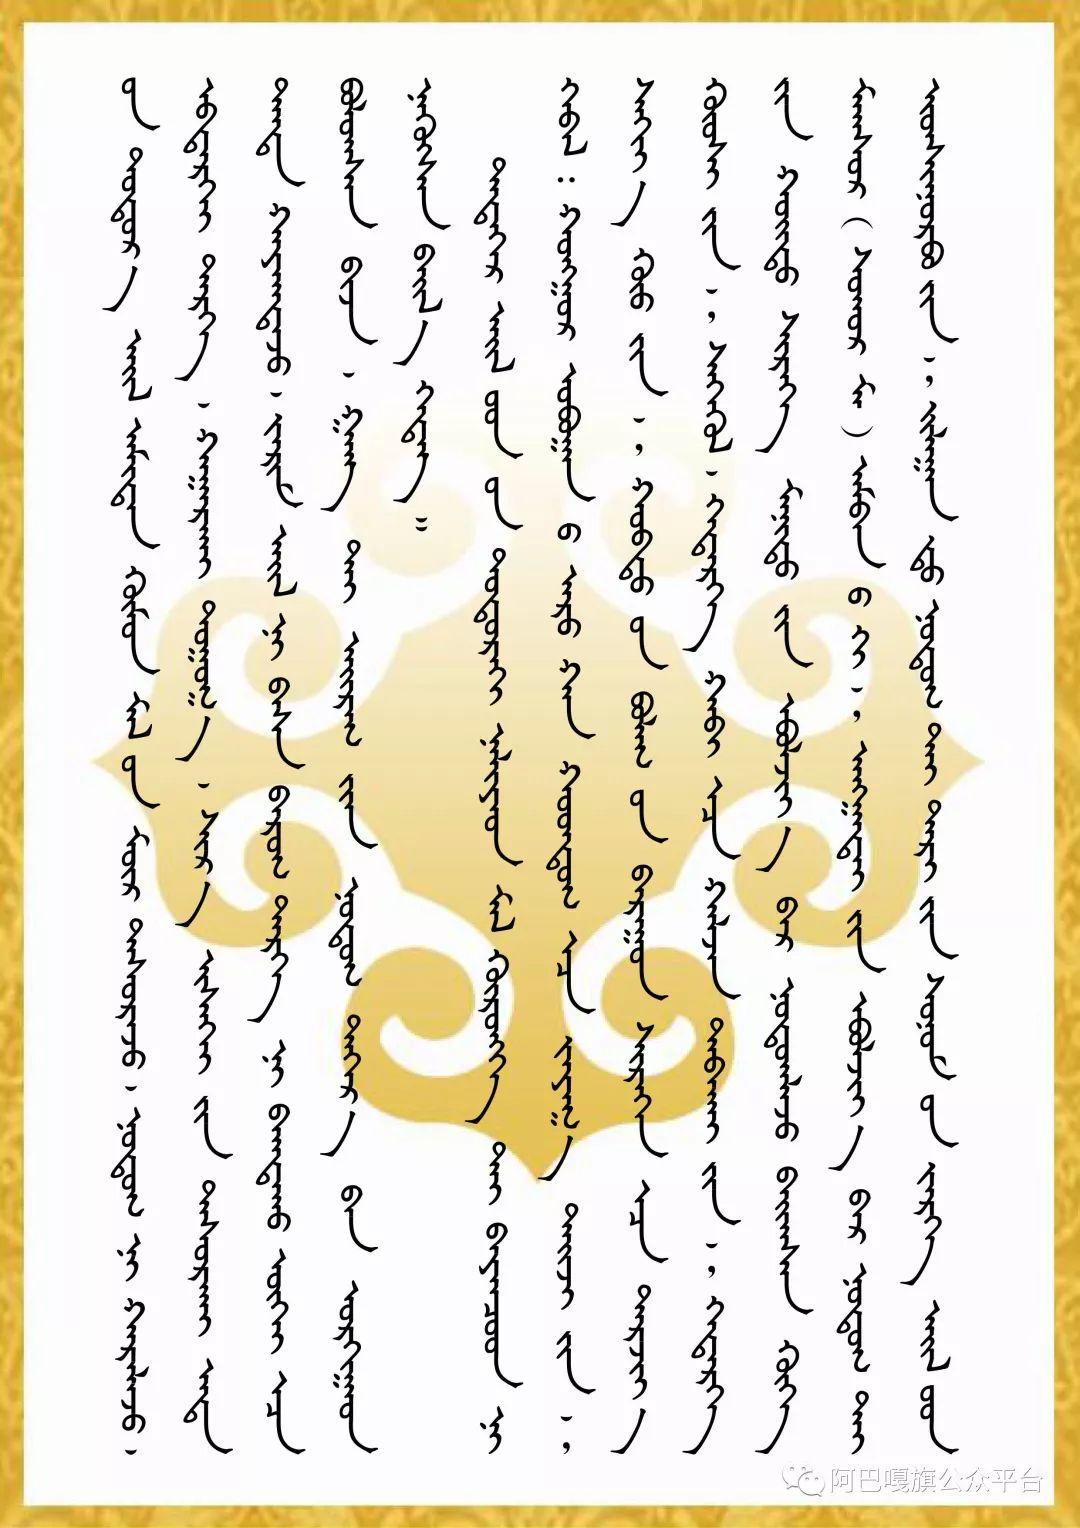 【历史·人物】从阿巴嘎右旗北迁蒙古国的牧户 第3张 【历史·人物】从阿巴嘎右旗北迁蒙古国的牧户 蒙古文化